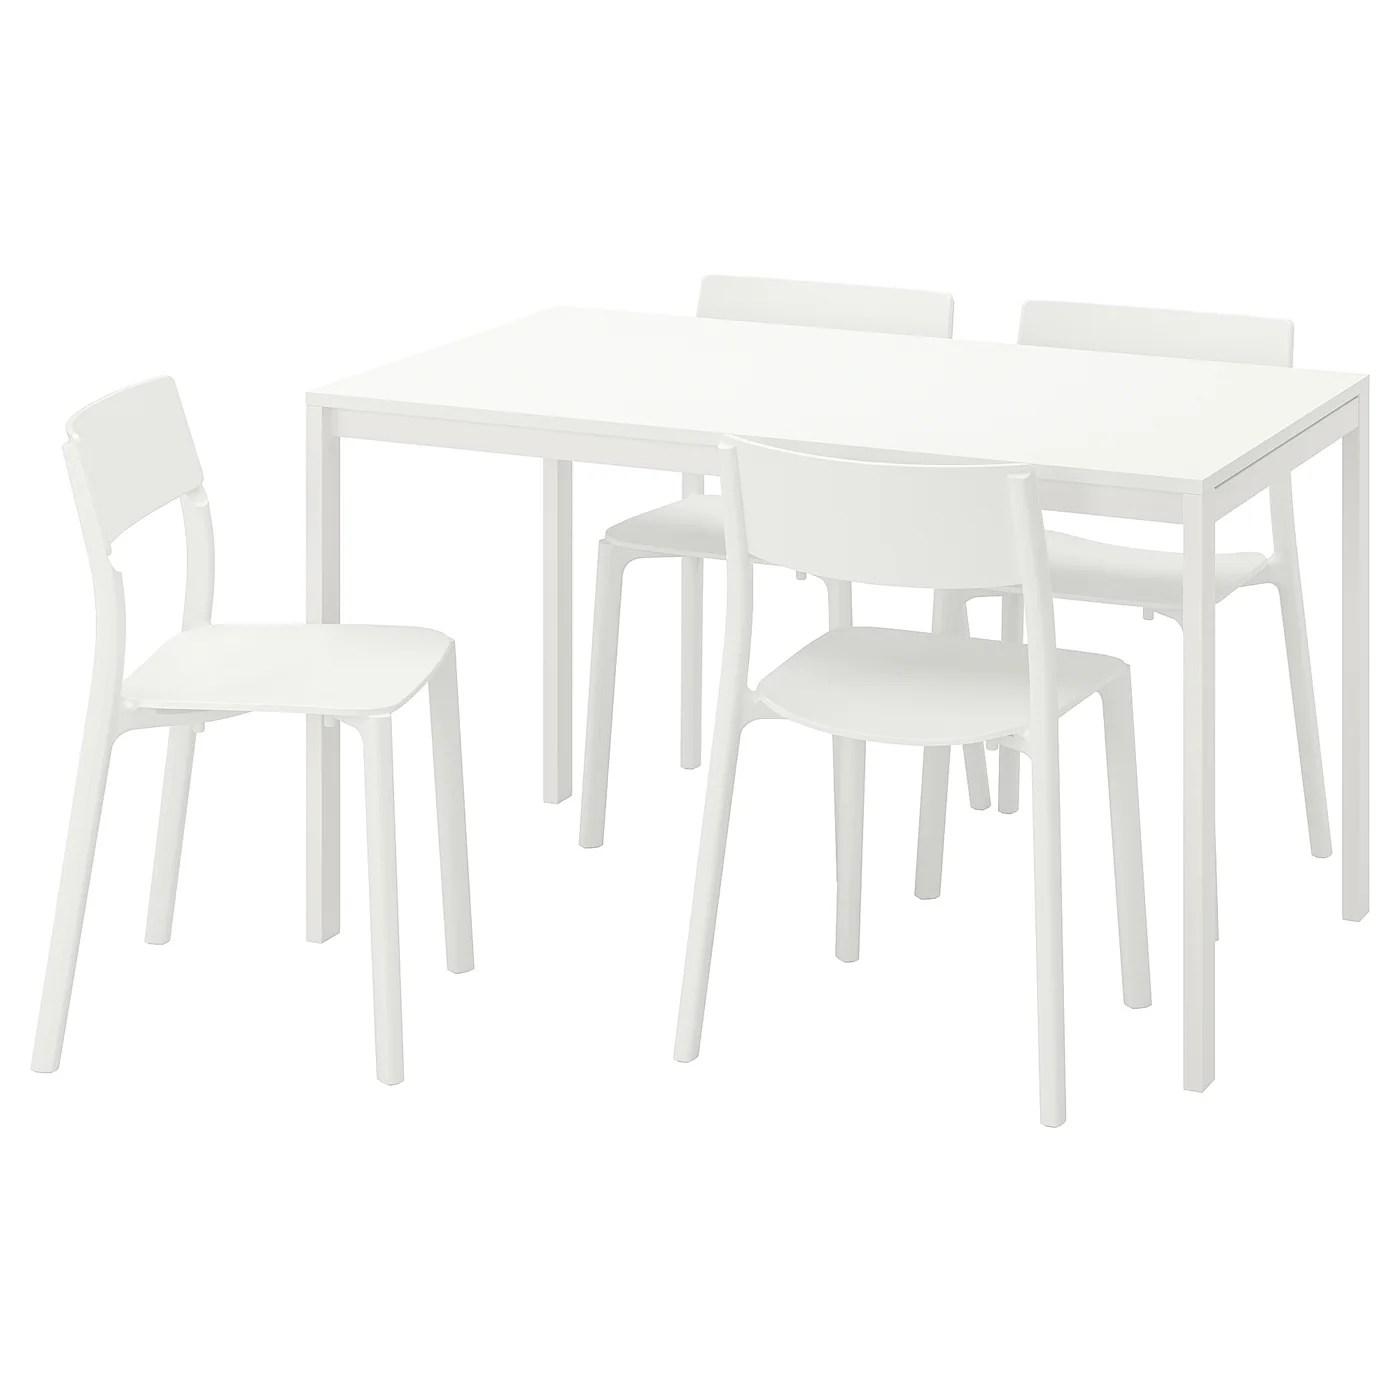 ensembles tables et chaises max 4 pers